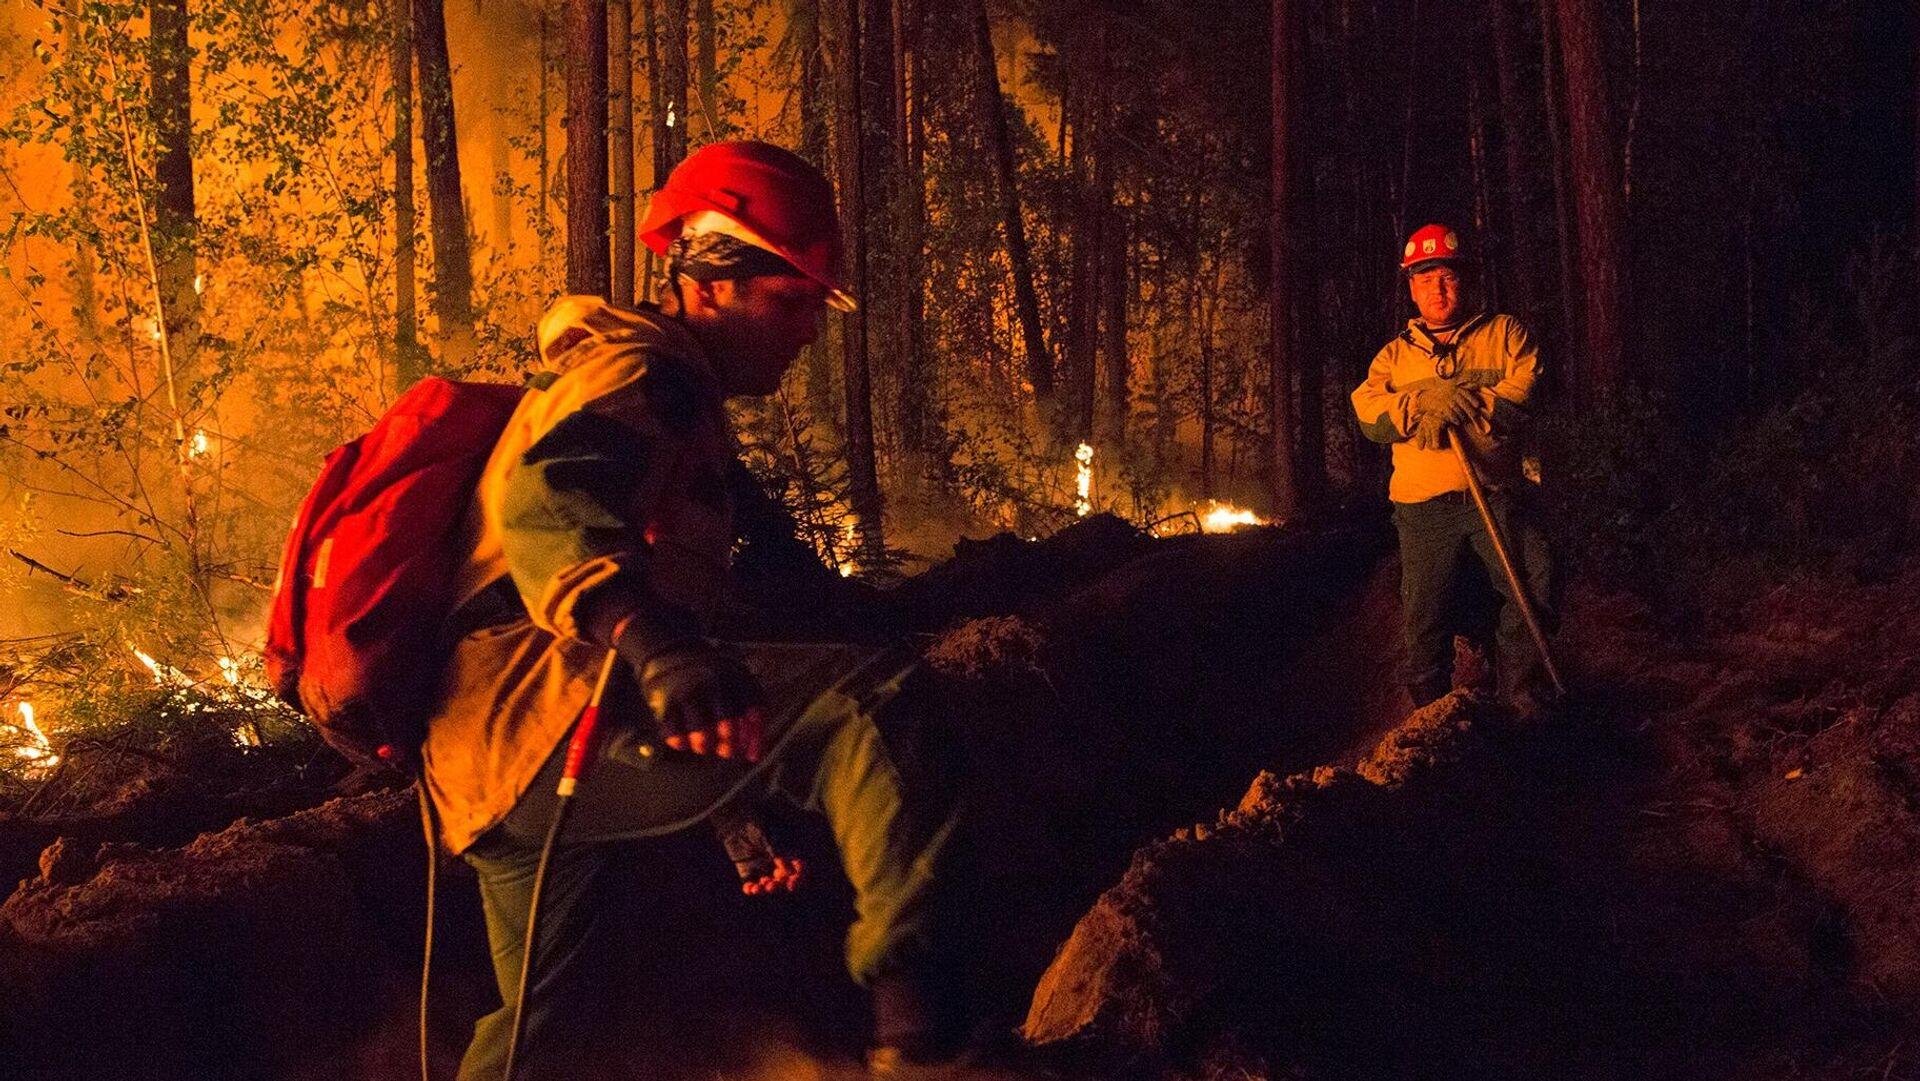 Сотрудники Авиалесоохраны во время тушения лесного пожара в Якутии - РИА Новости, 1920, 01.08.2021